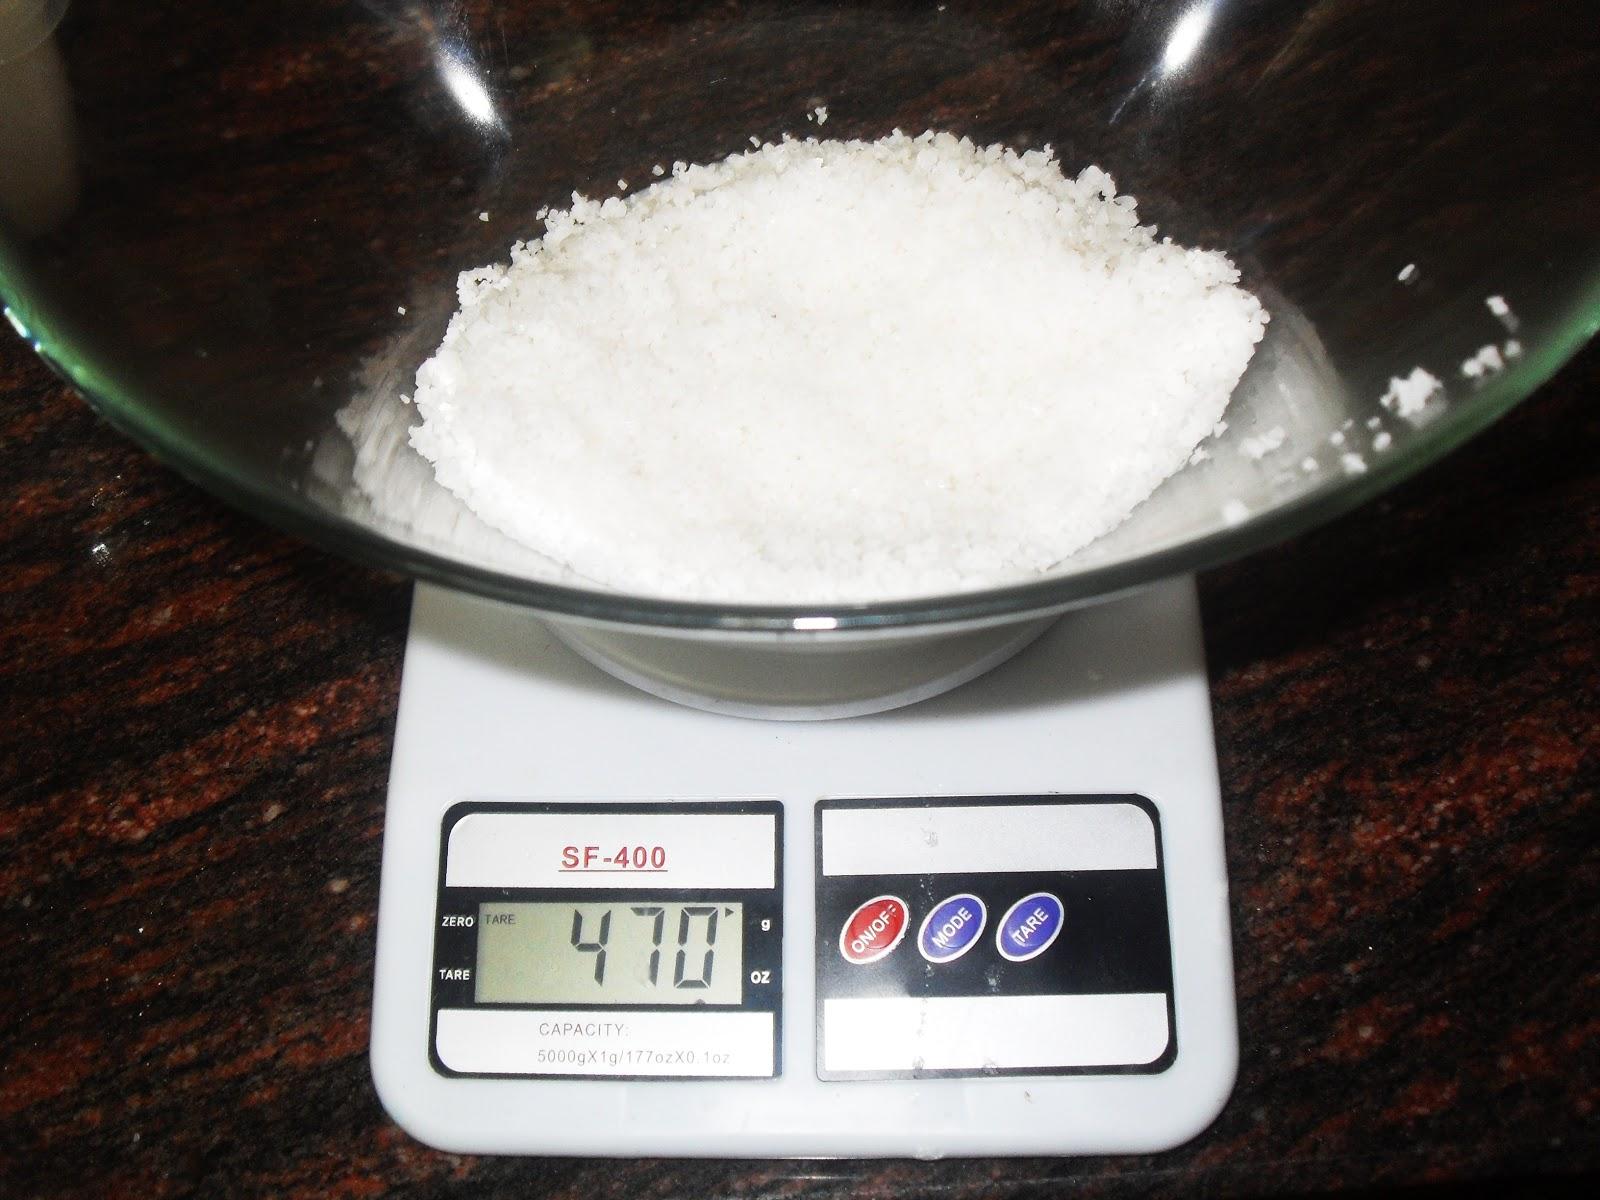 Baño De Tina Con Sal Gruesa: de sal gruesa y mitad de fina Así que empiezo con unos 500 gr de